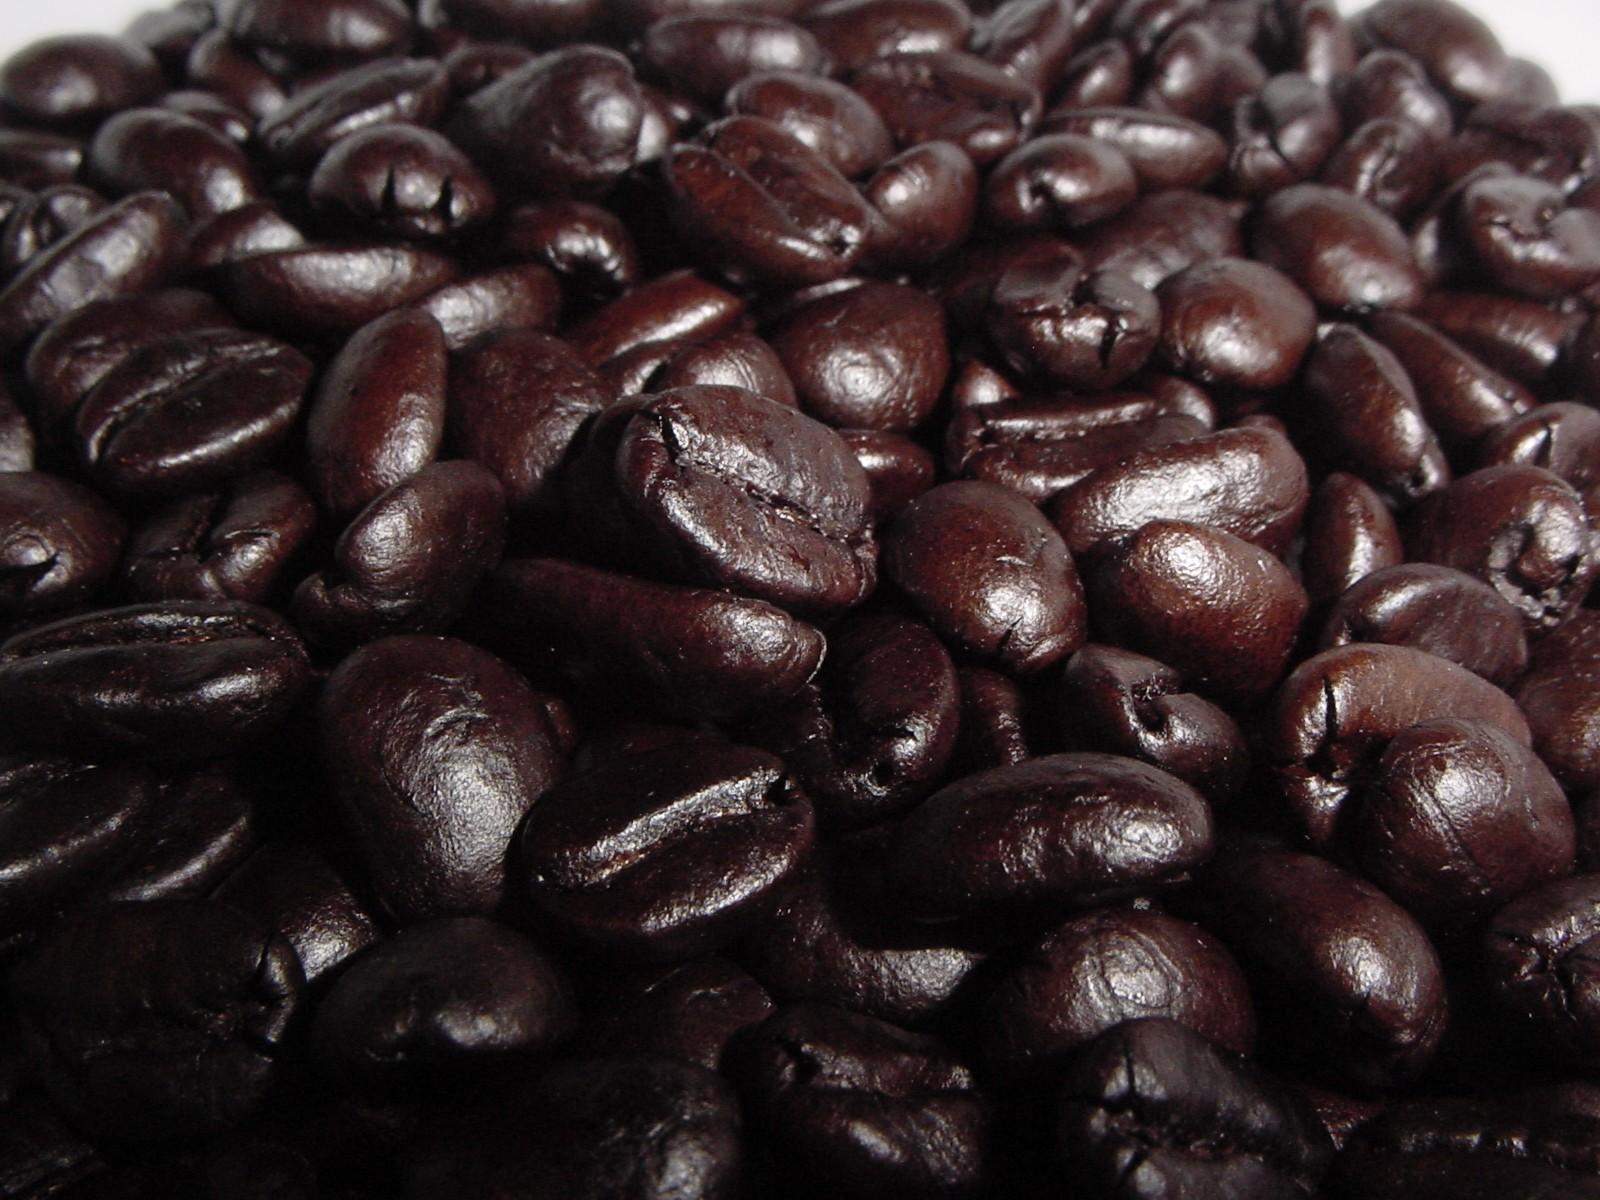 черные зерна кофе, скачать фото, обои на рабочий стол, coffee wallpaper